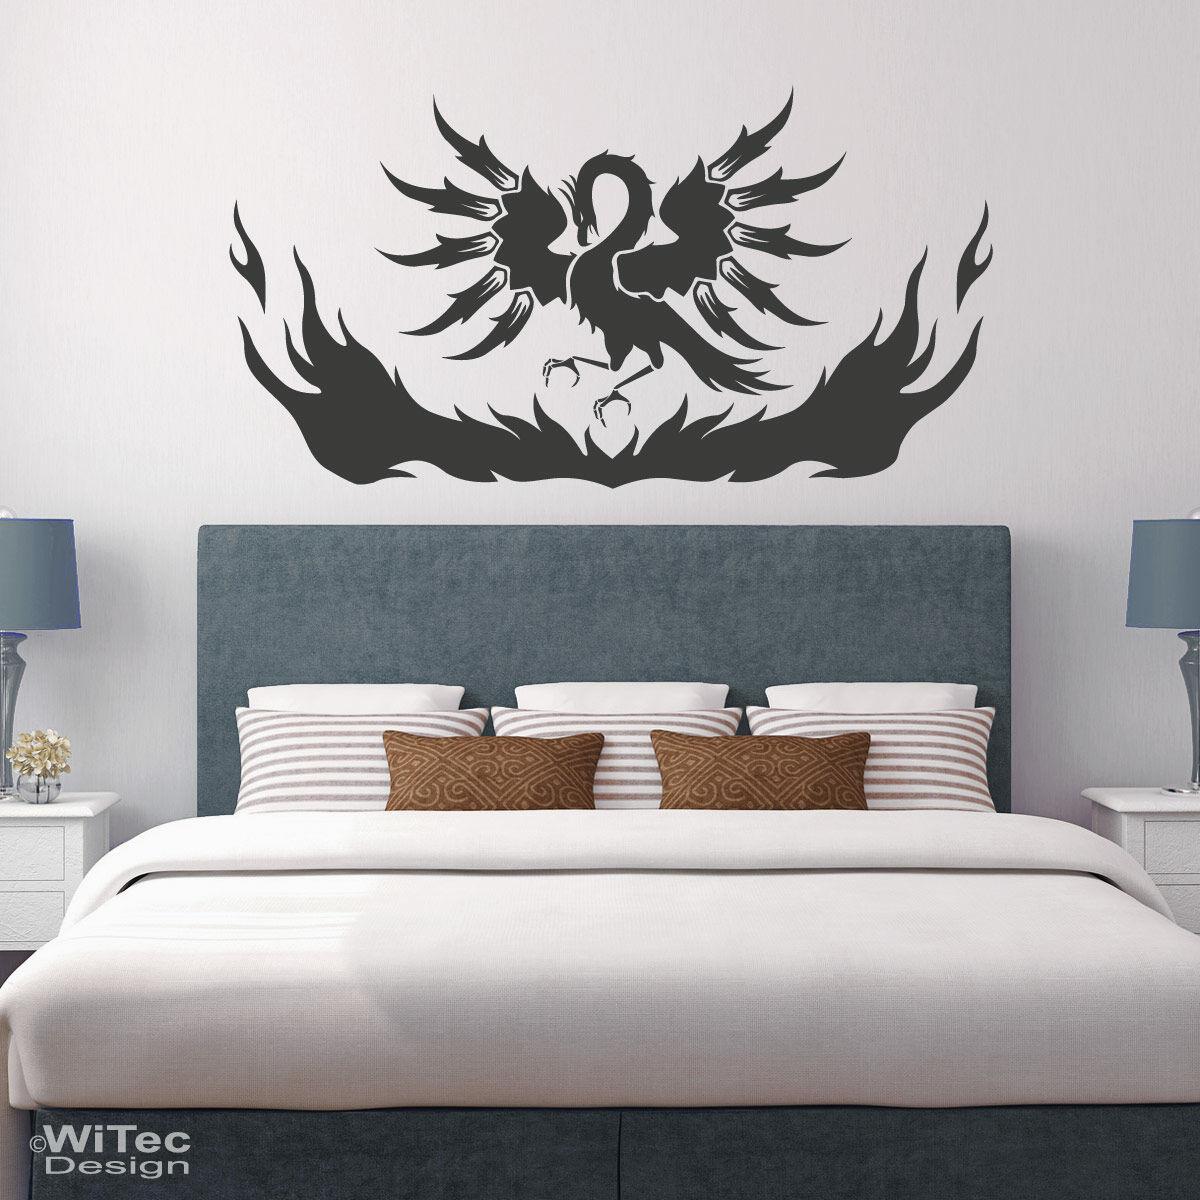 Phönix Wandaufkleber Schlafzimmer Aufkleber